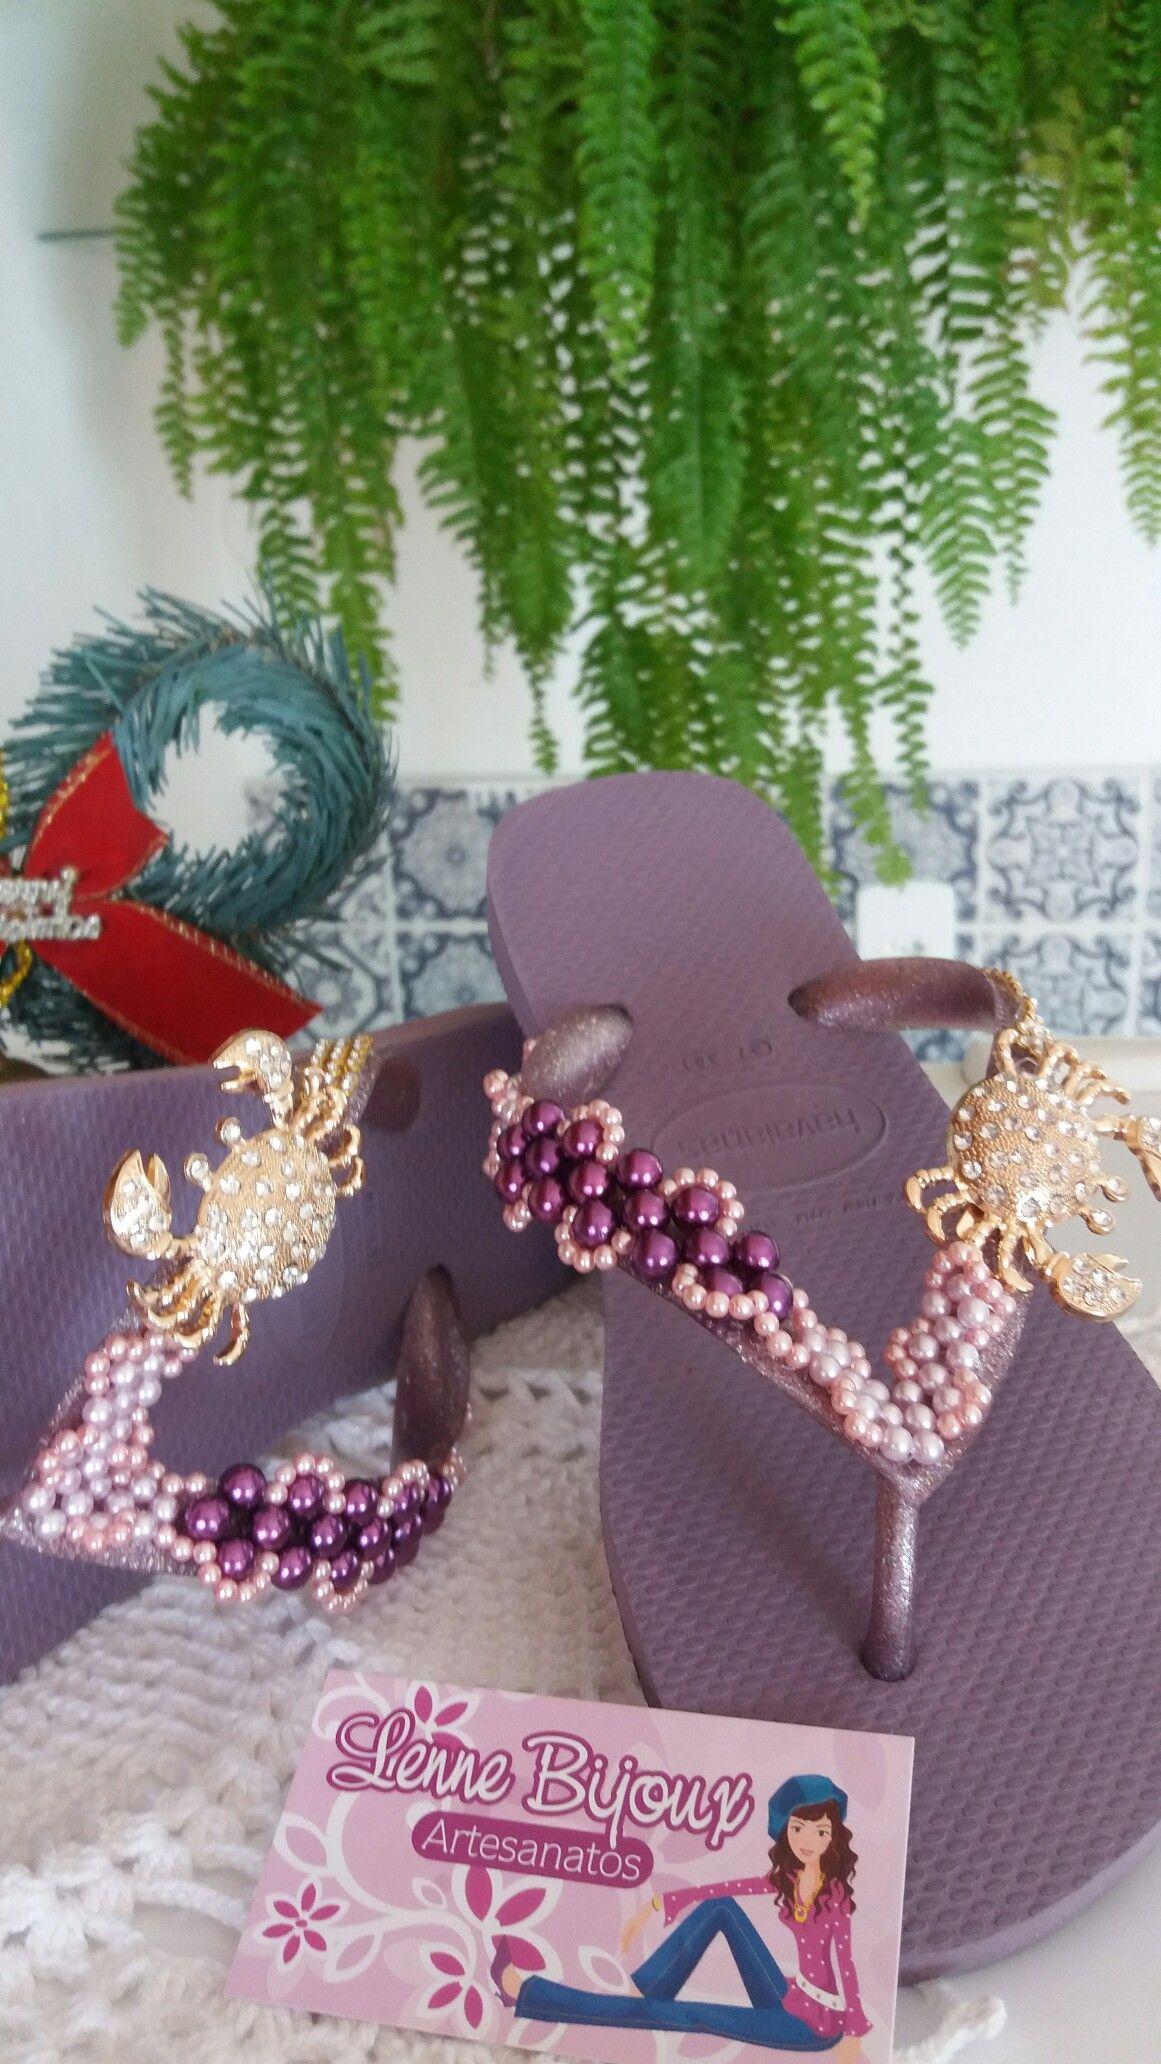 Chinelo decorado com piercing  caranguejo e pérolas  Lenne artesanato  Lenne bijoux